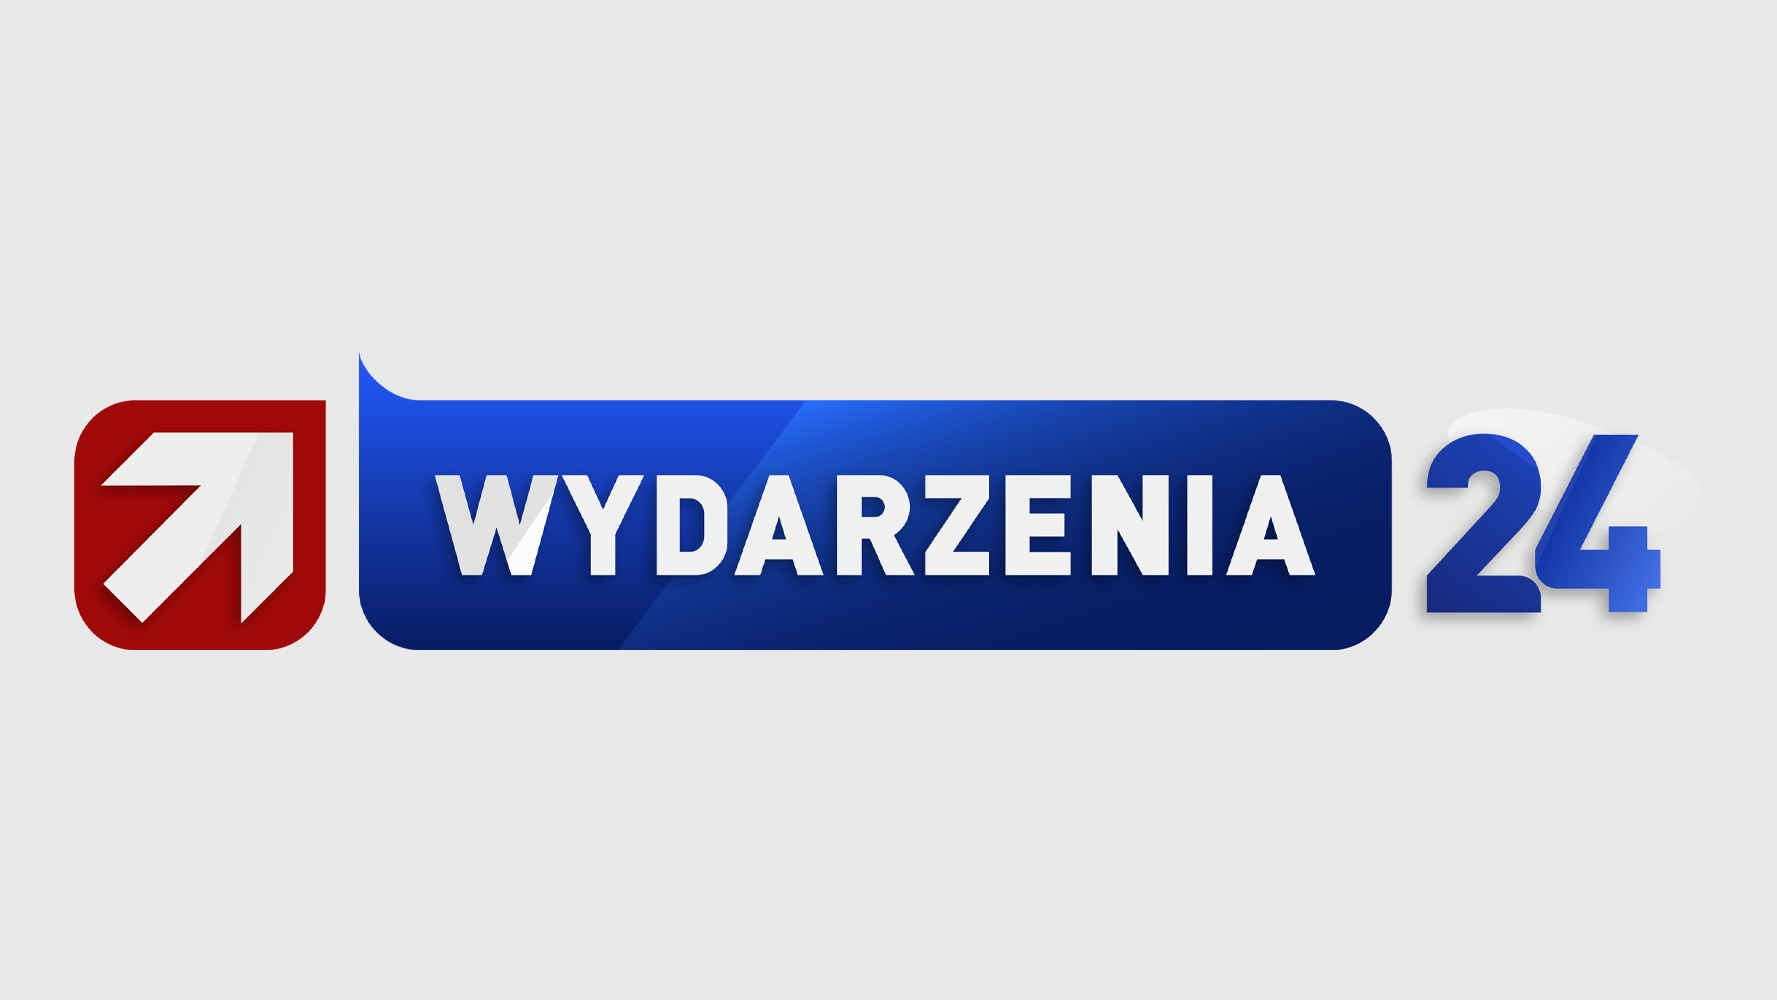 Wydarzenia 24: Nowy kanał informacyjny od września